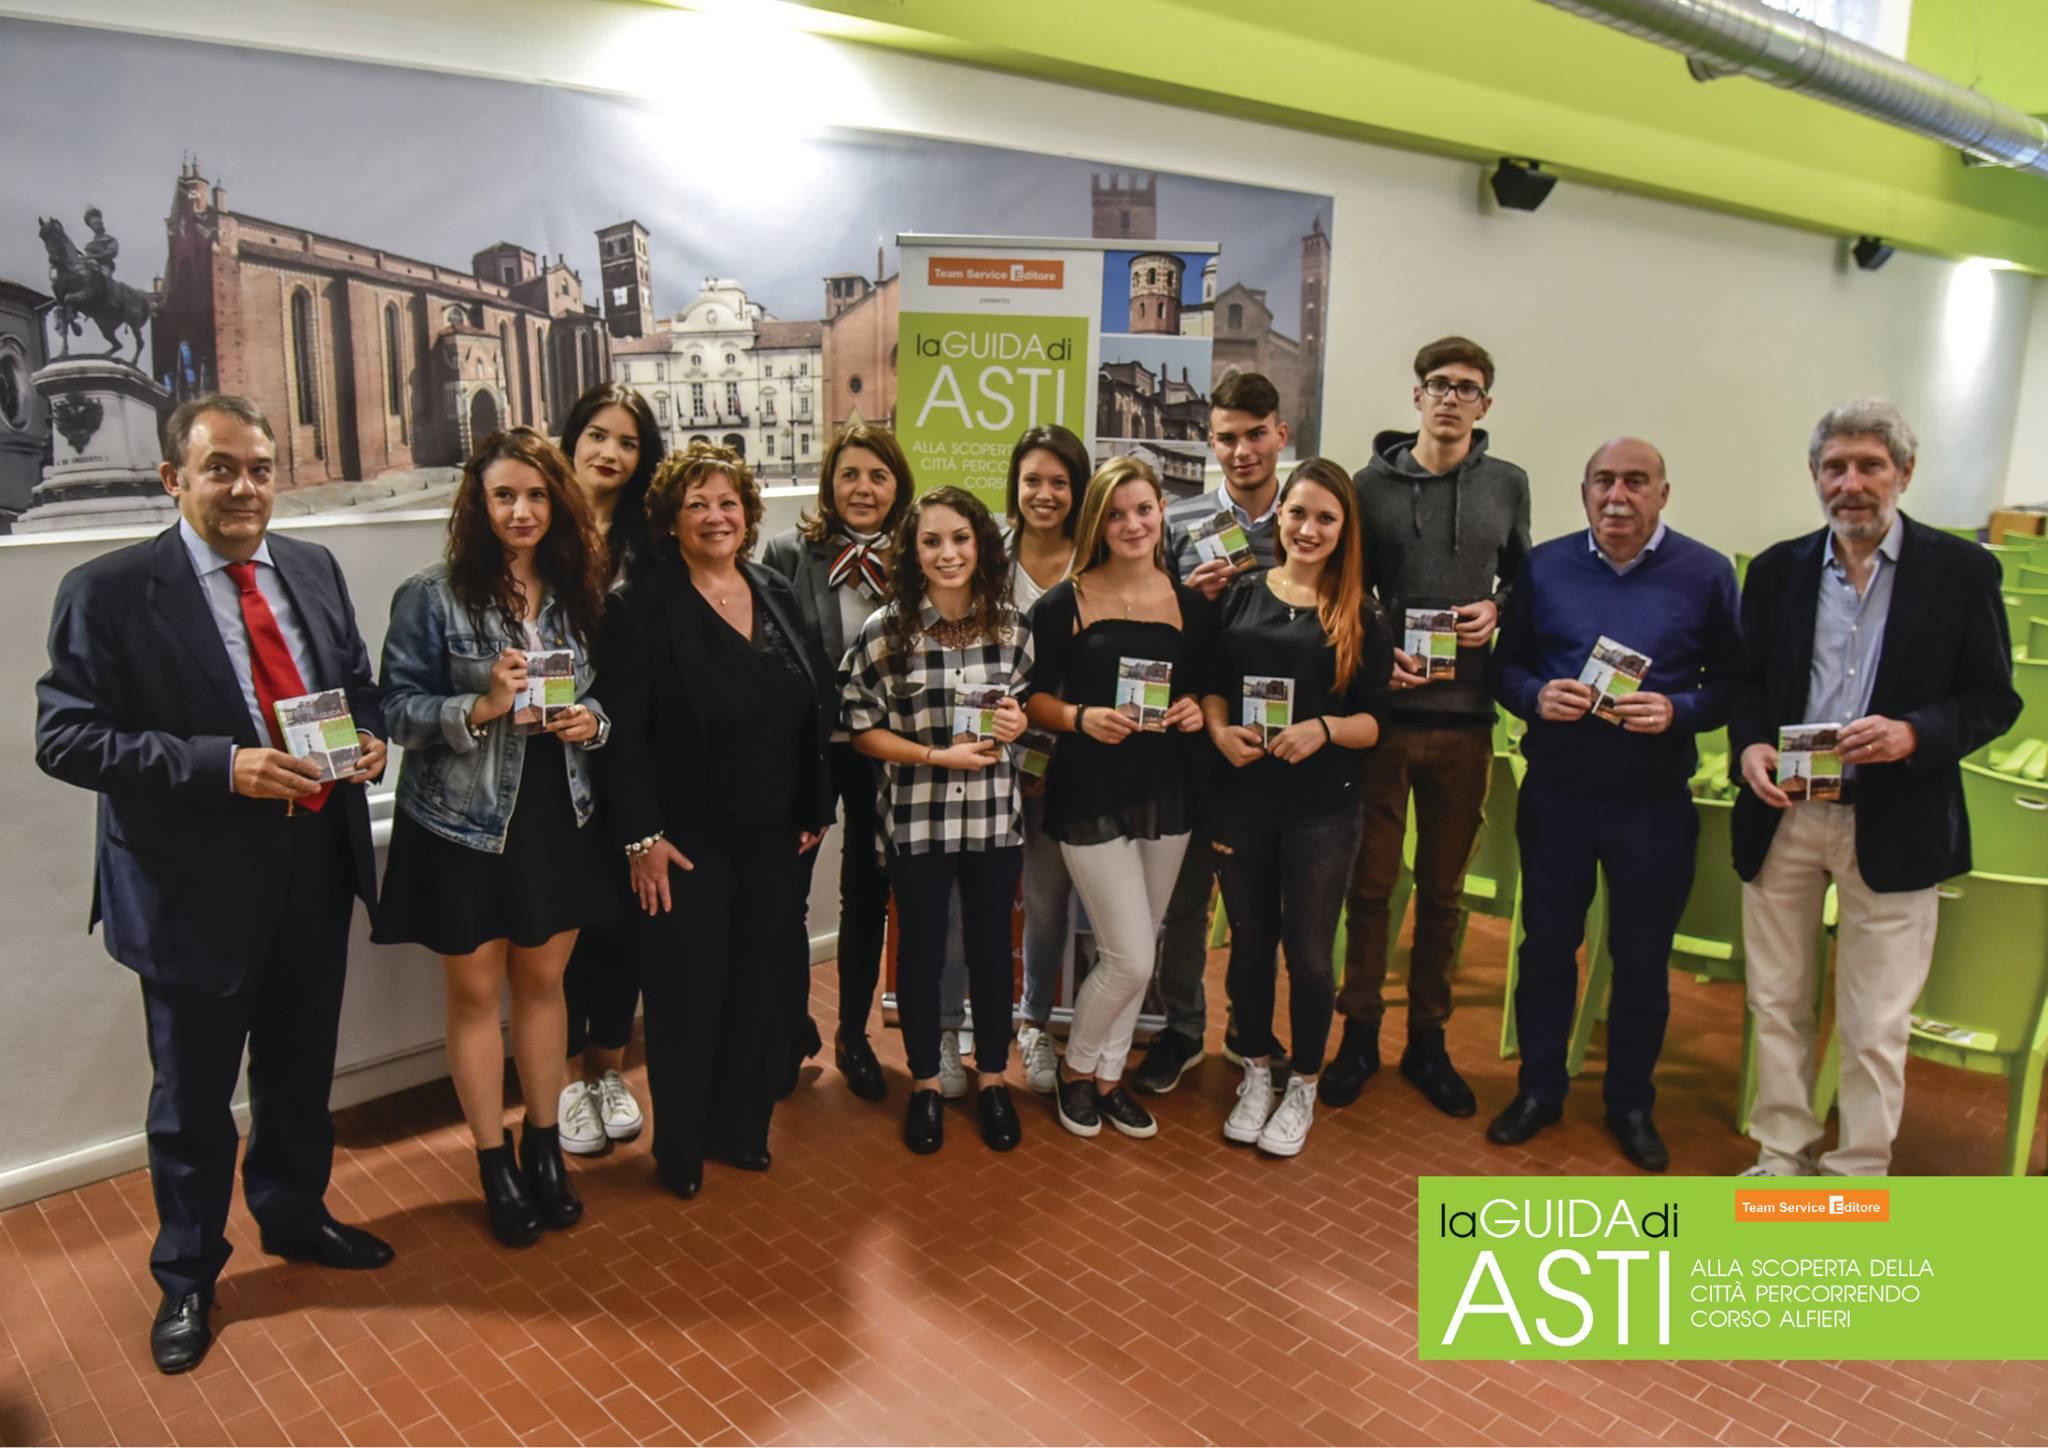 """""""Alla scoperta della città percorrendo corso Alfieri"""": i gioielli di Asti in realtà aumentata nella nuova guida di Team Service"""